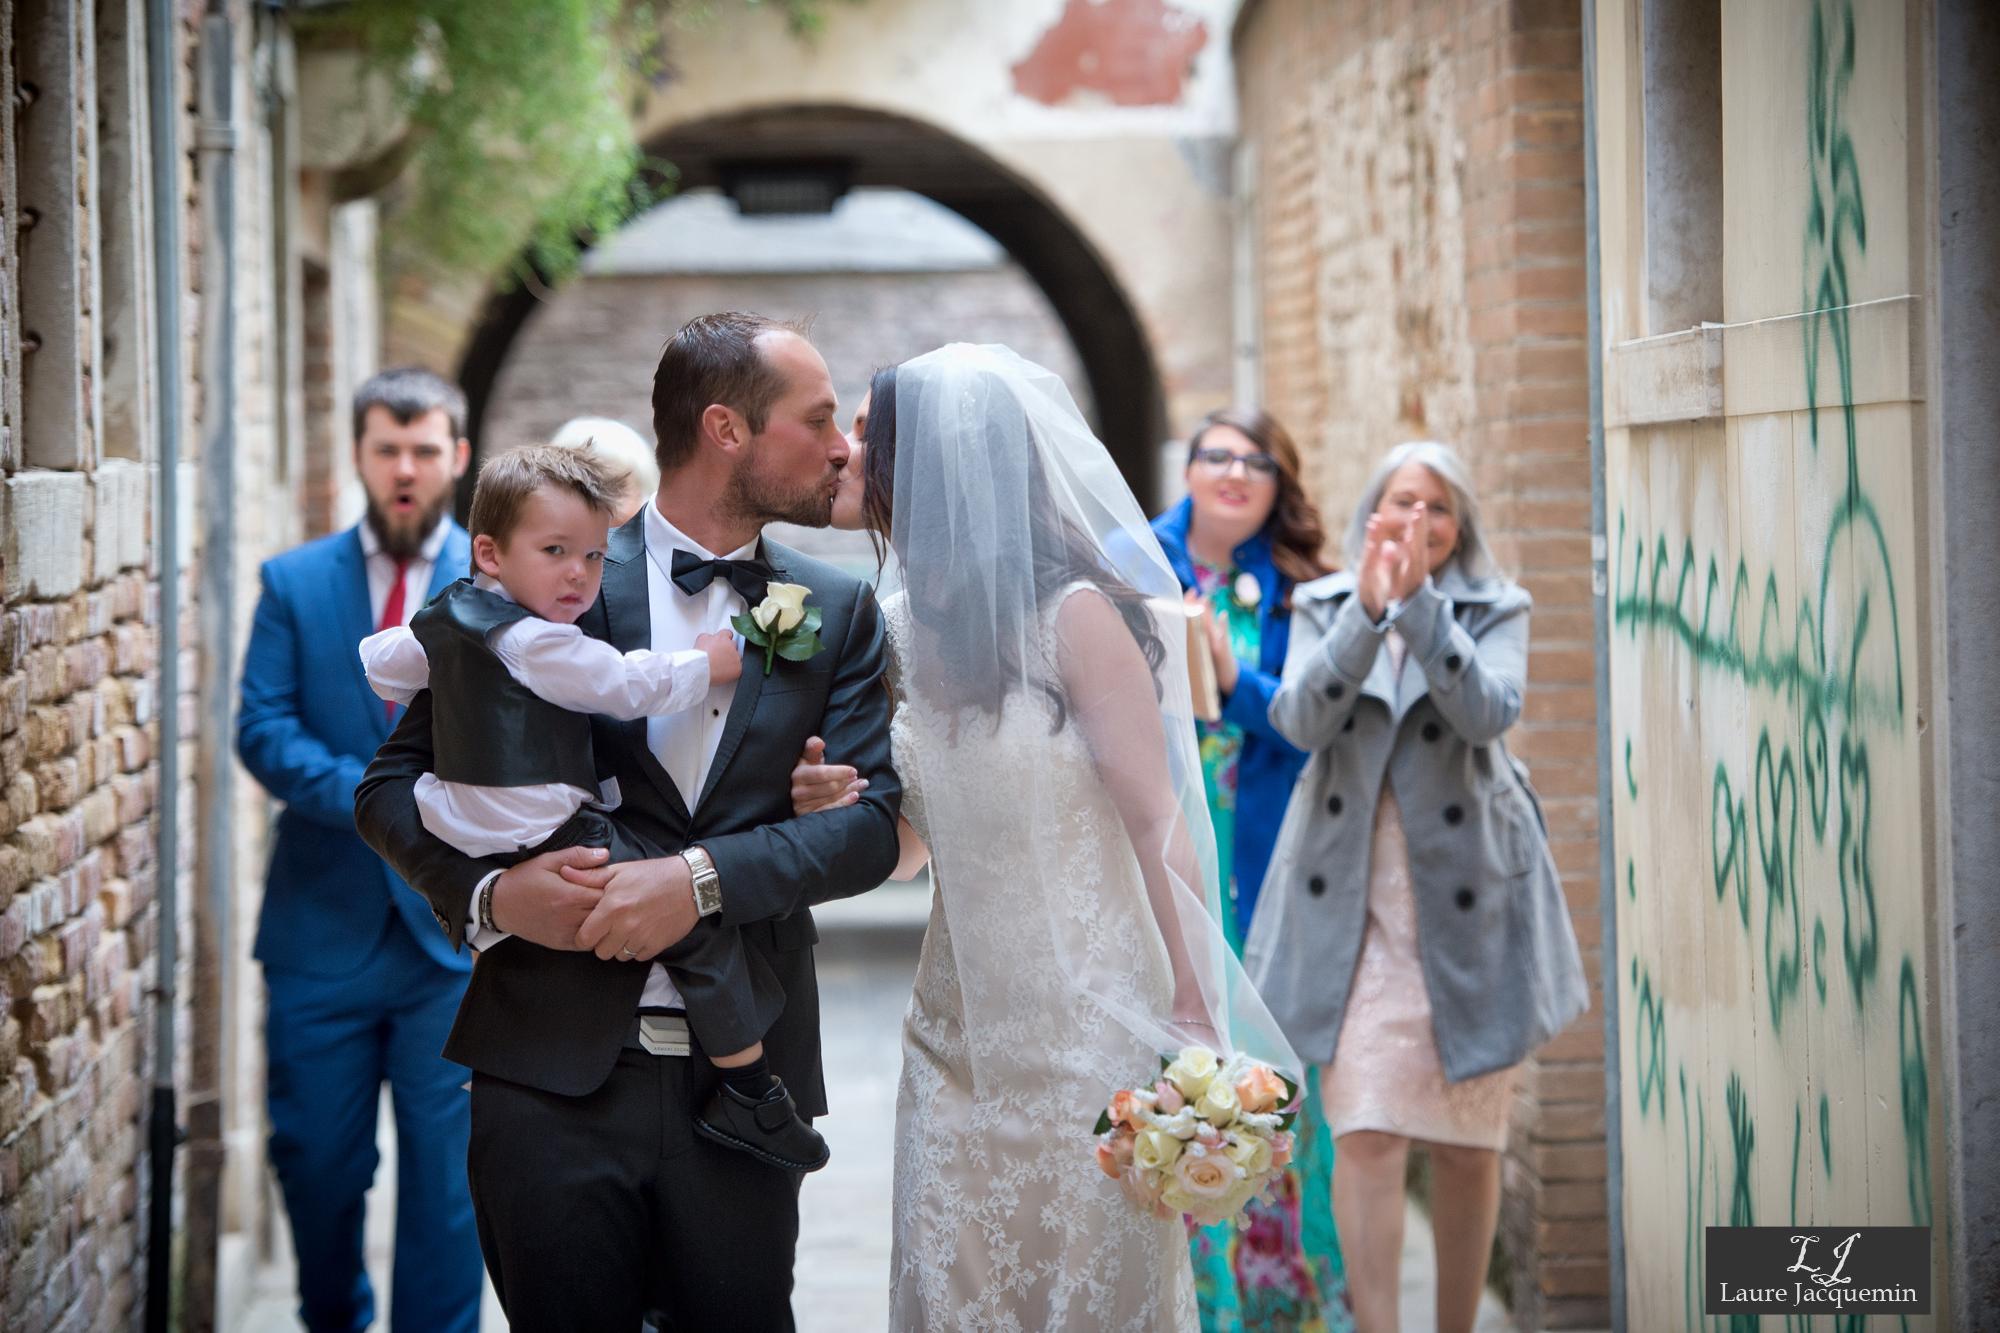 photographe mariage laure jacquemin palazzo cavalli service photographique (60)